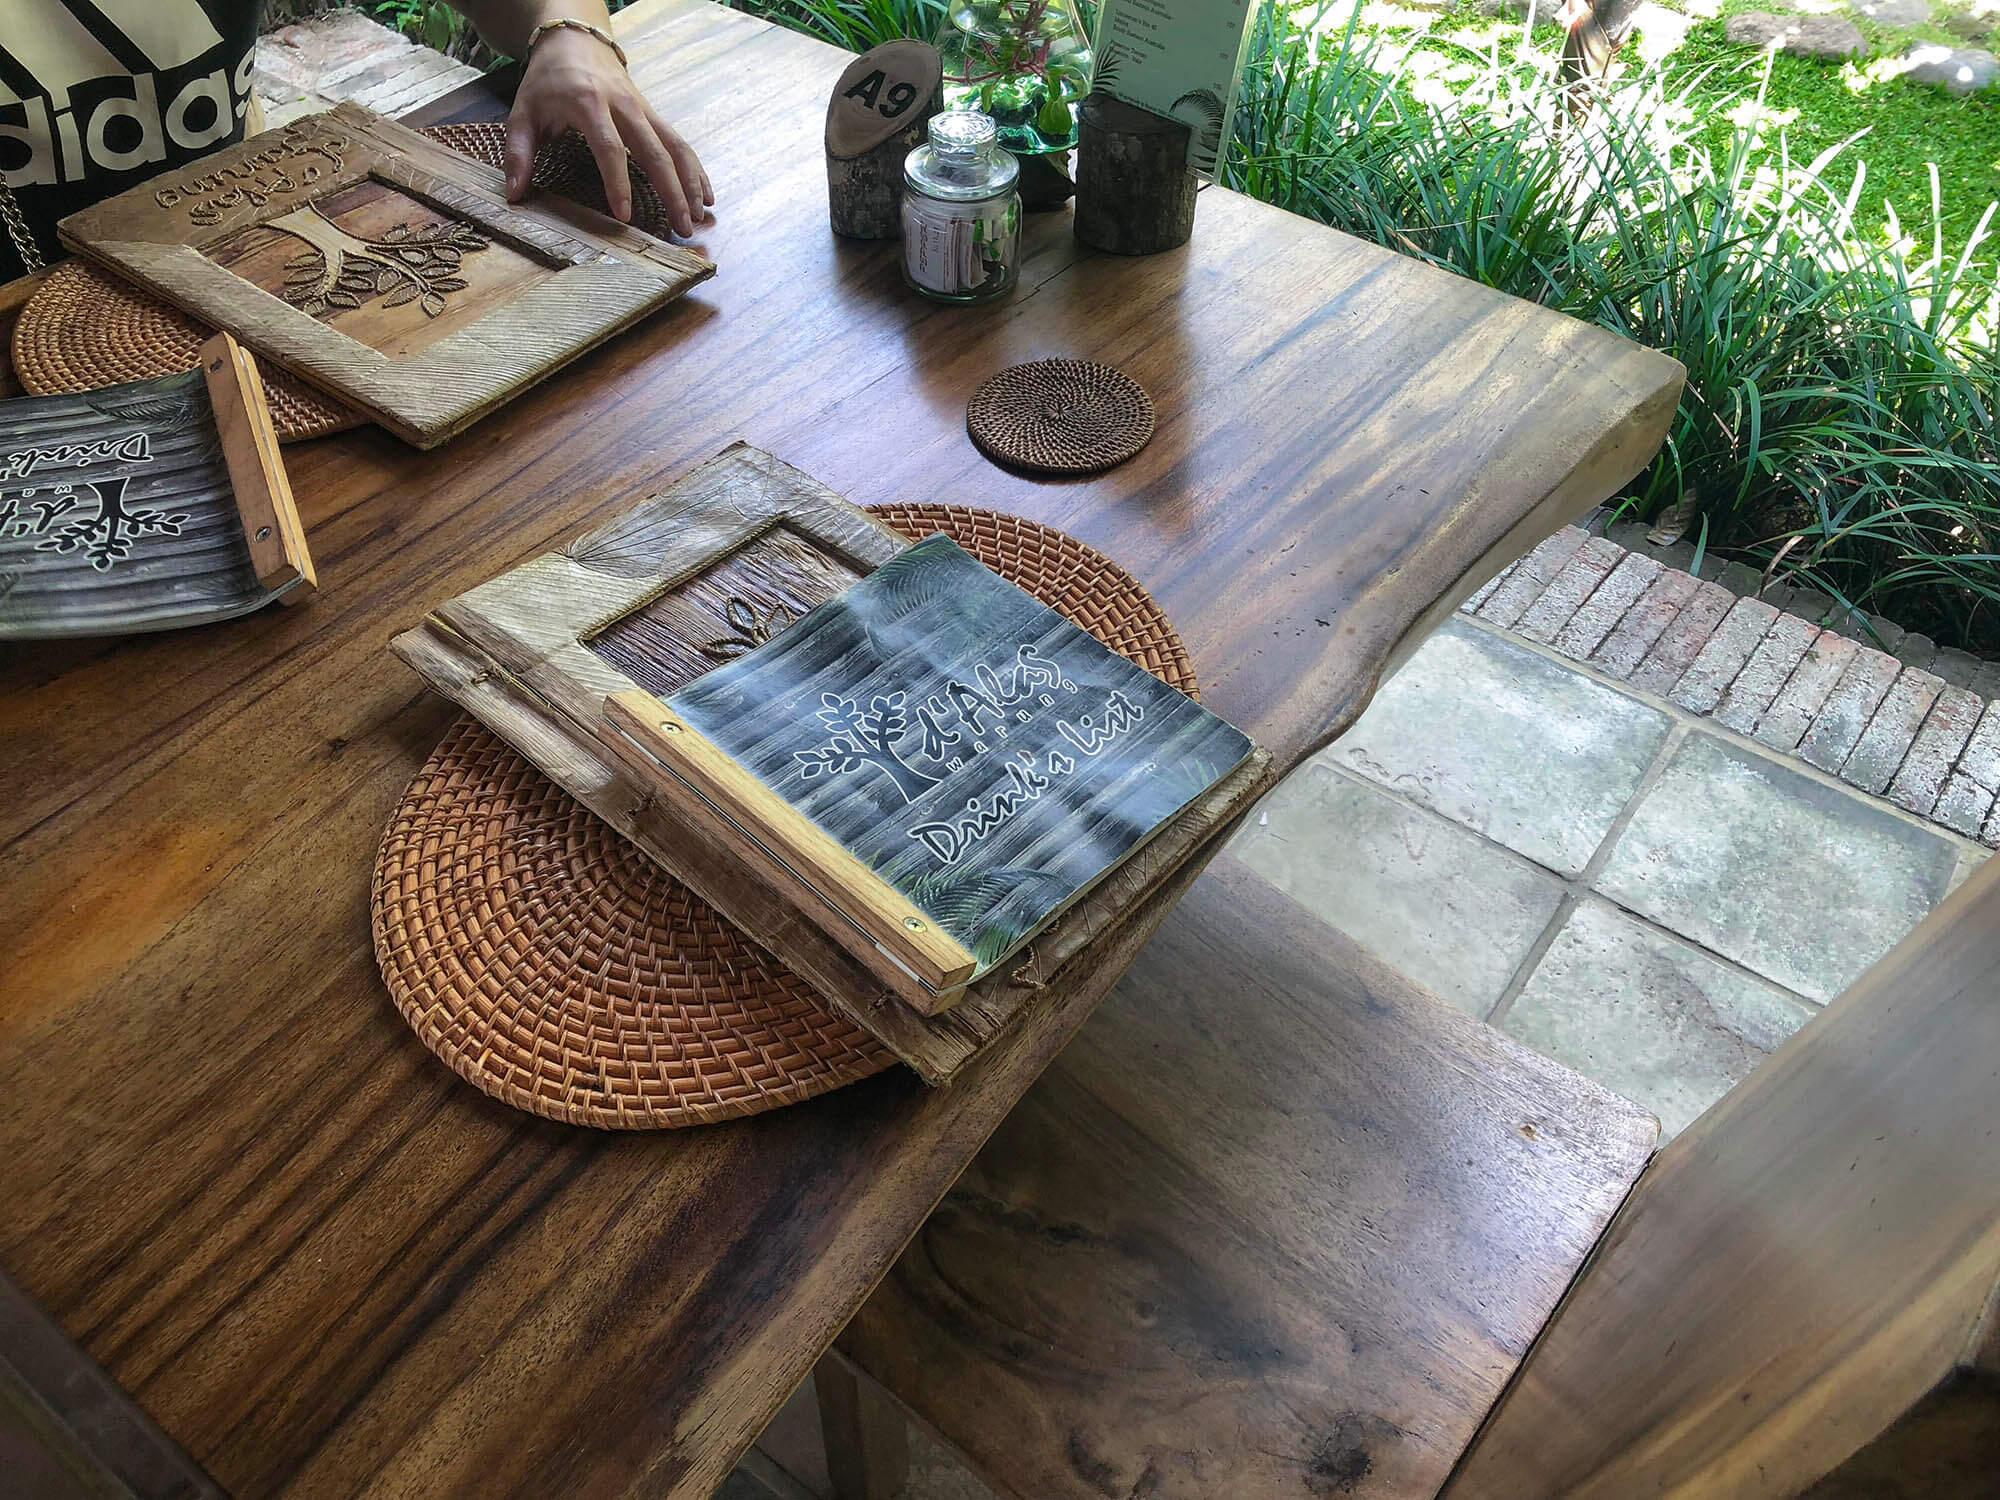 dAlas餐廳內環境桌上